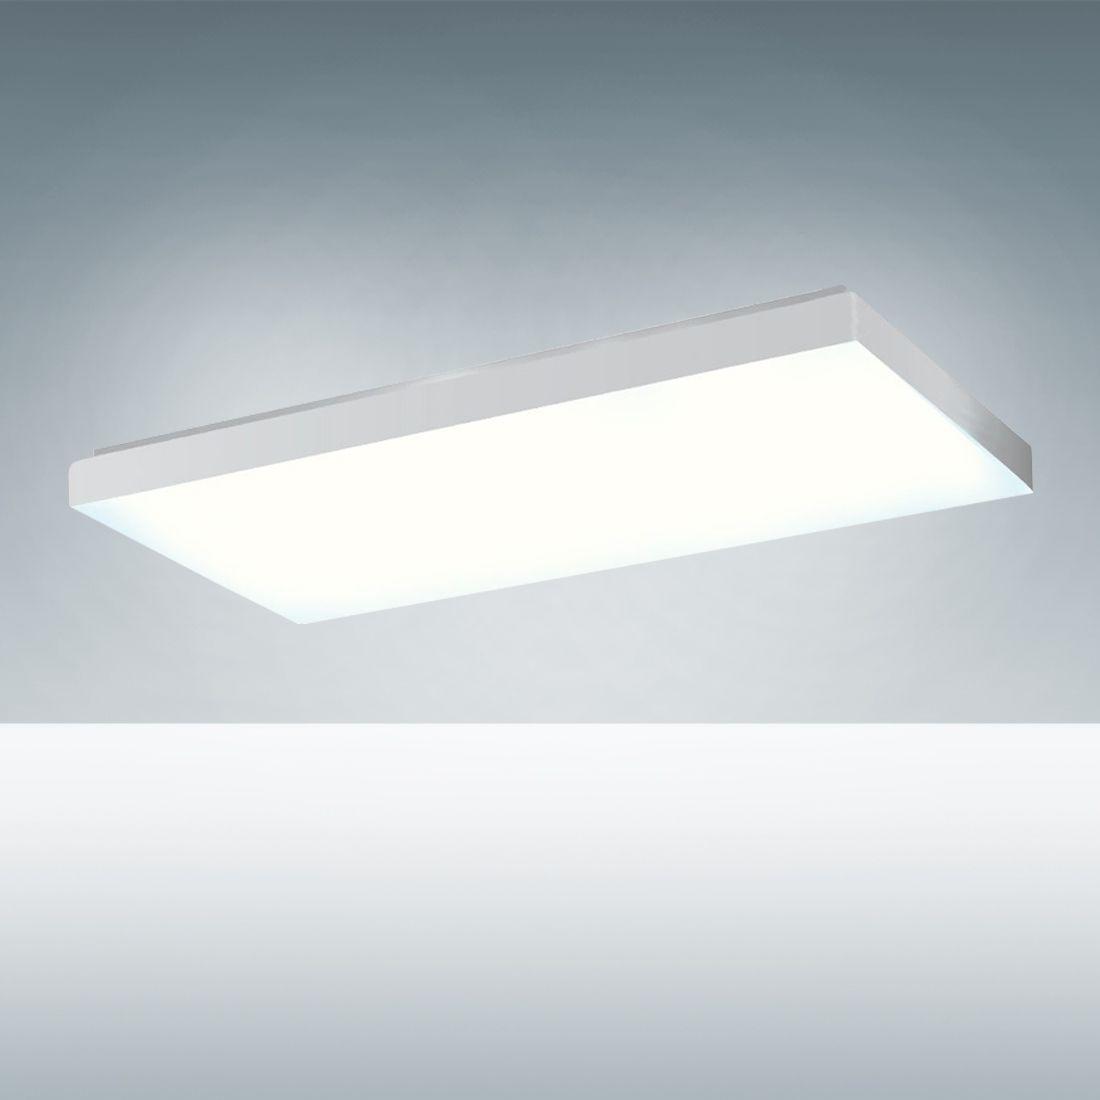 Alcon Lighting 11109 9 Sleek